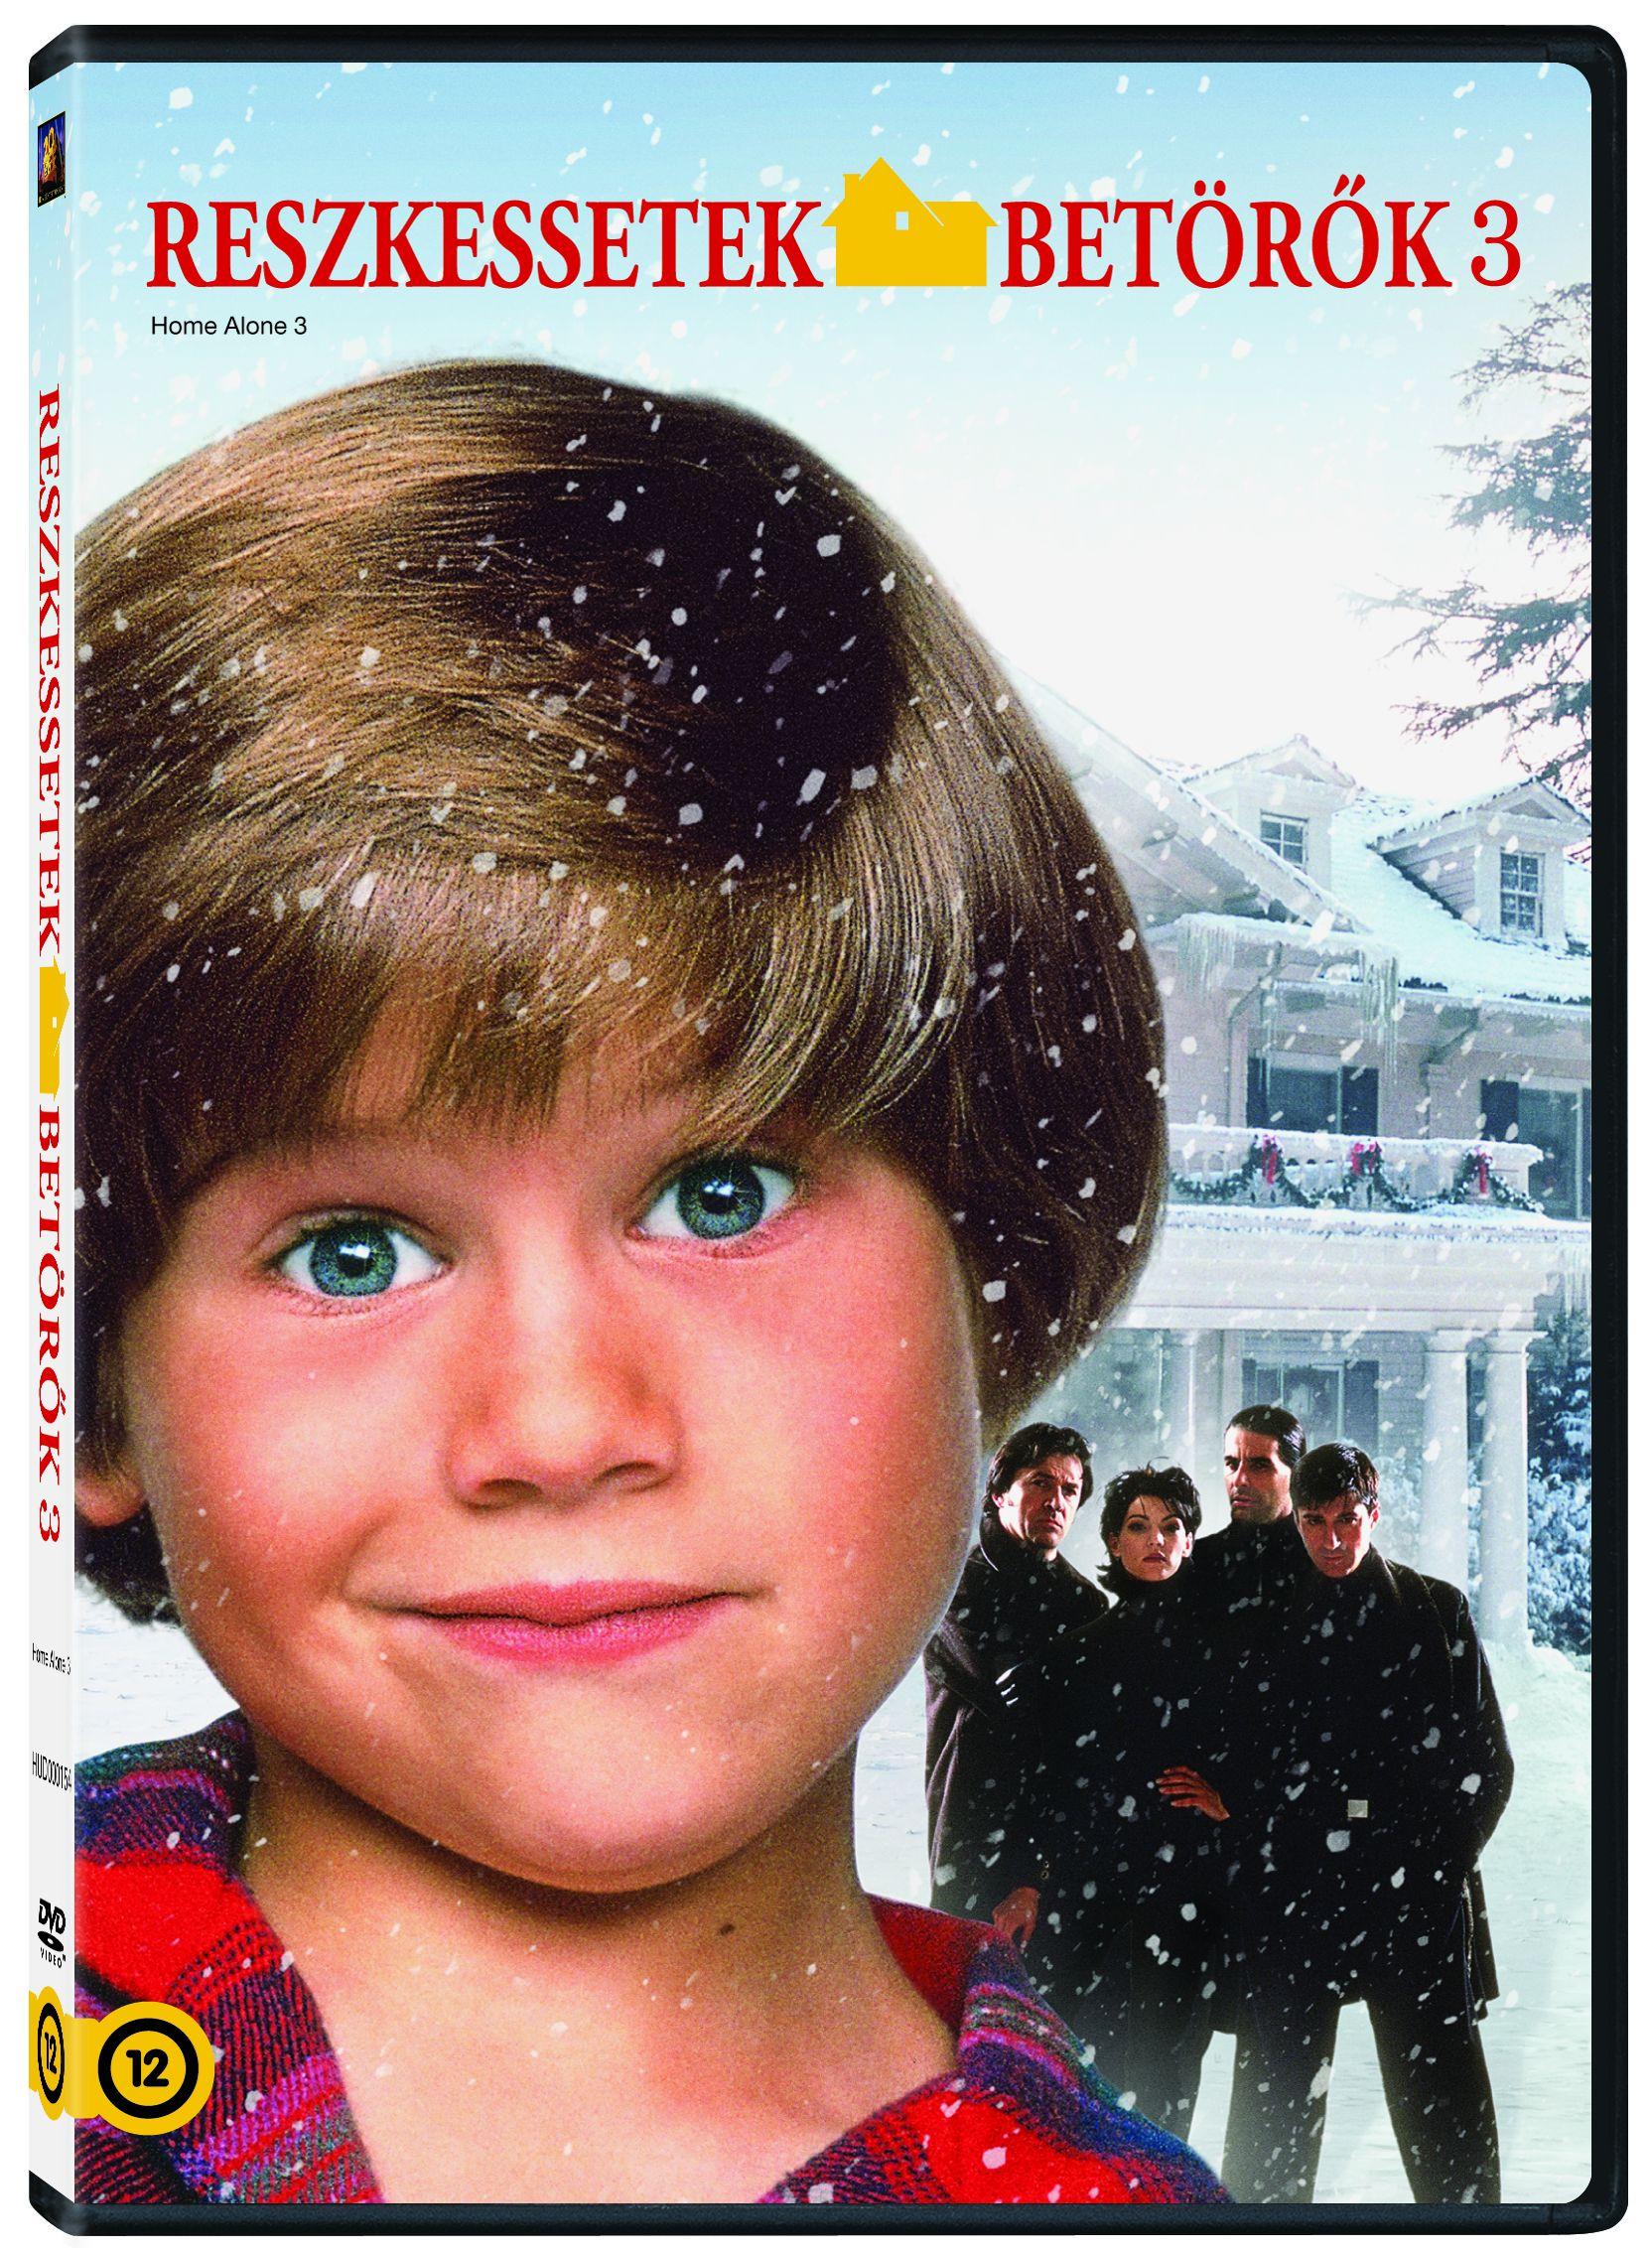 Reszkessetek, bet�r�k! 3. DVD